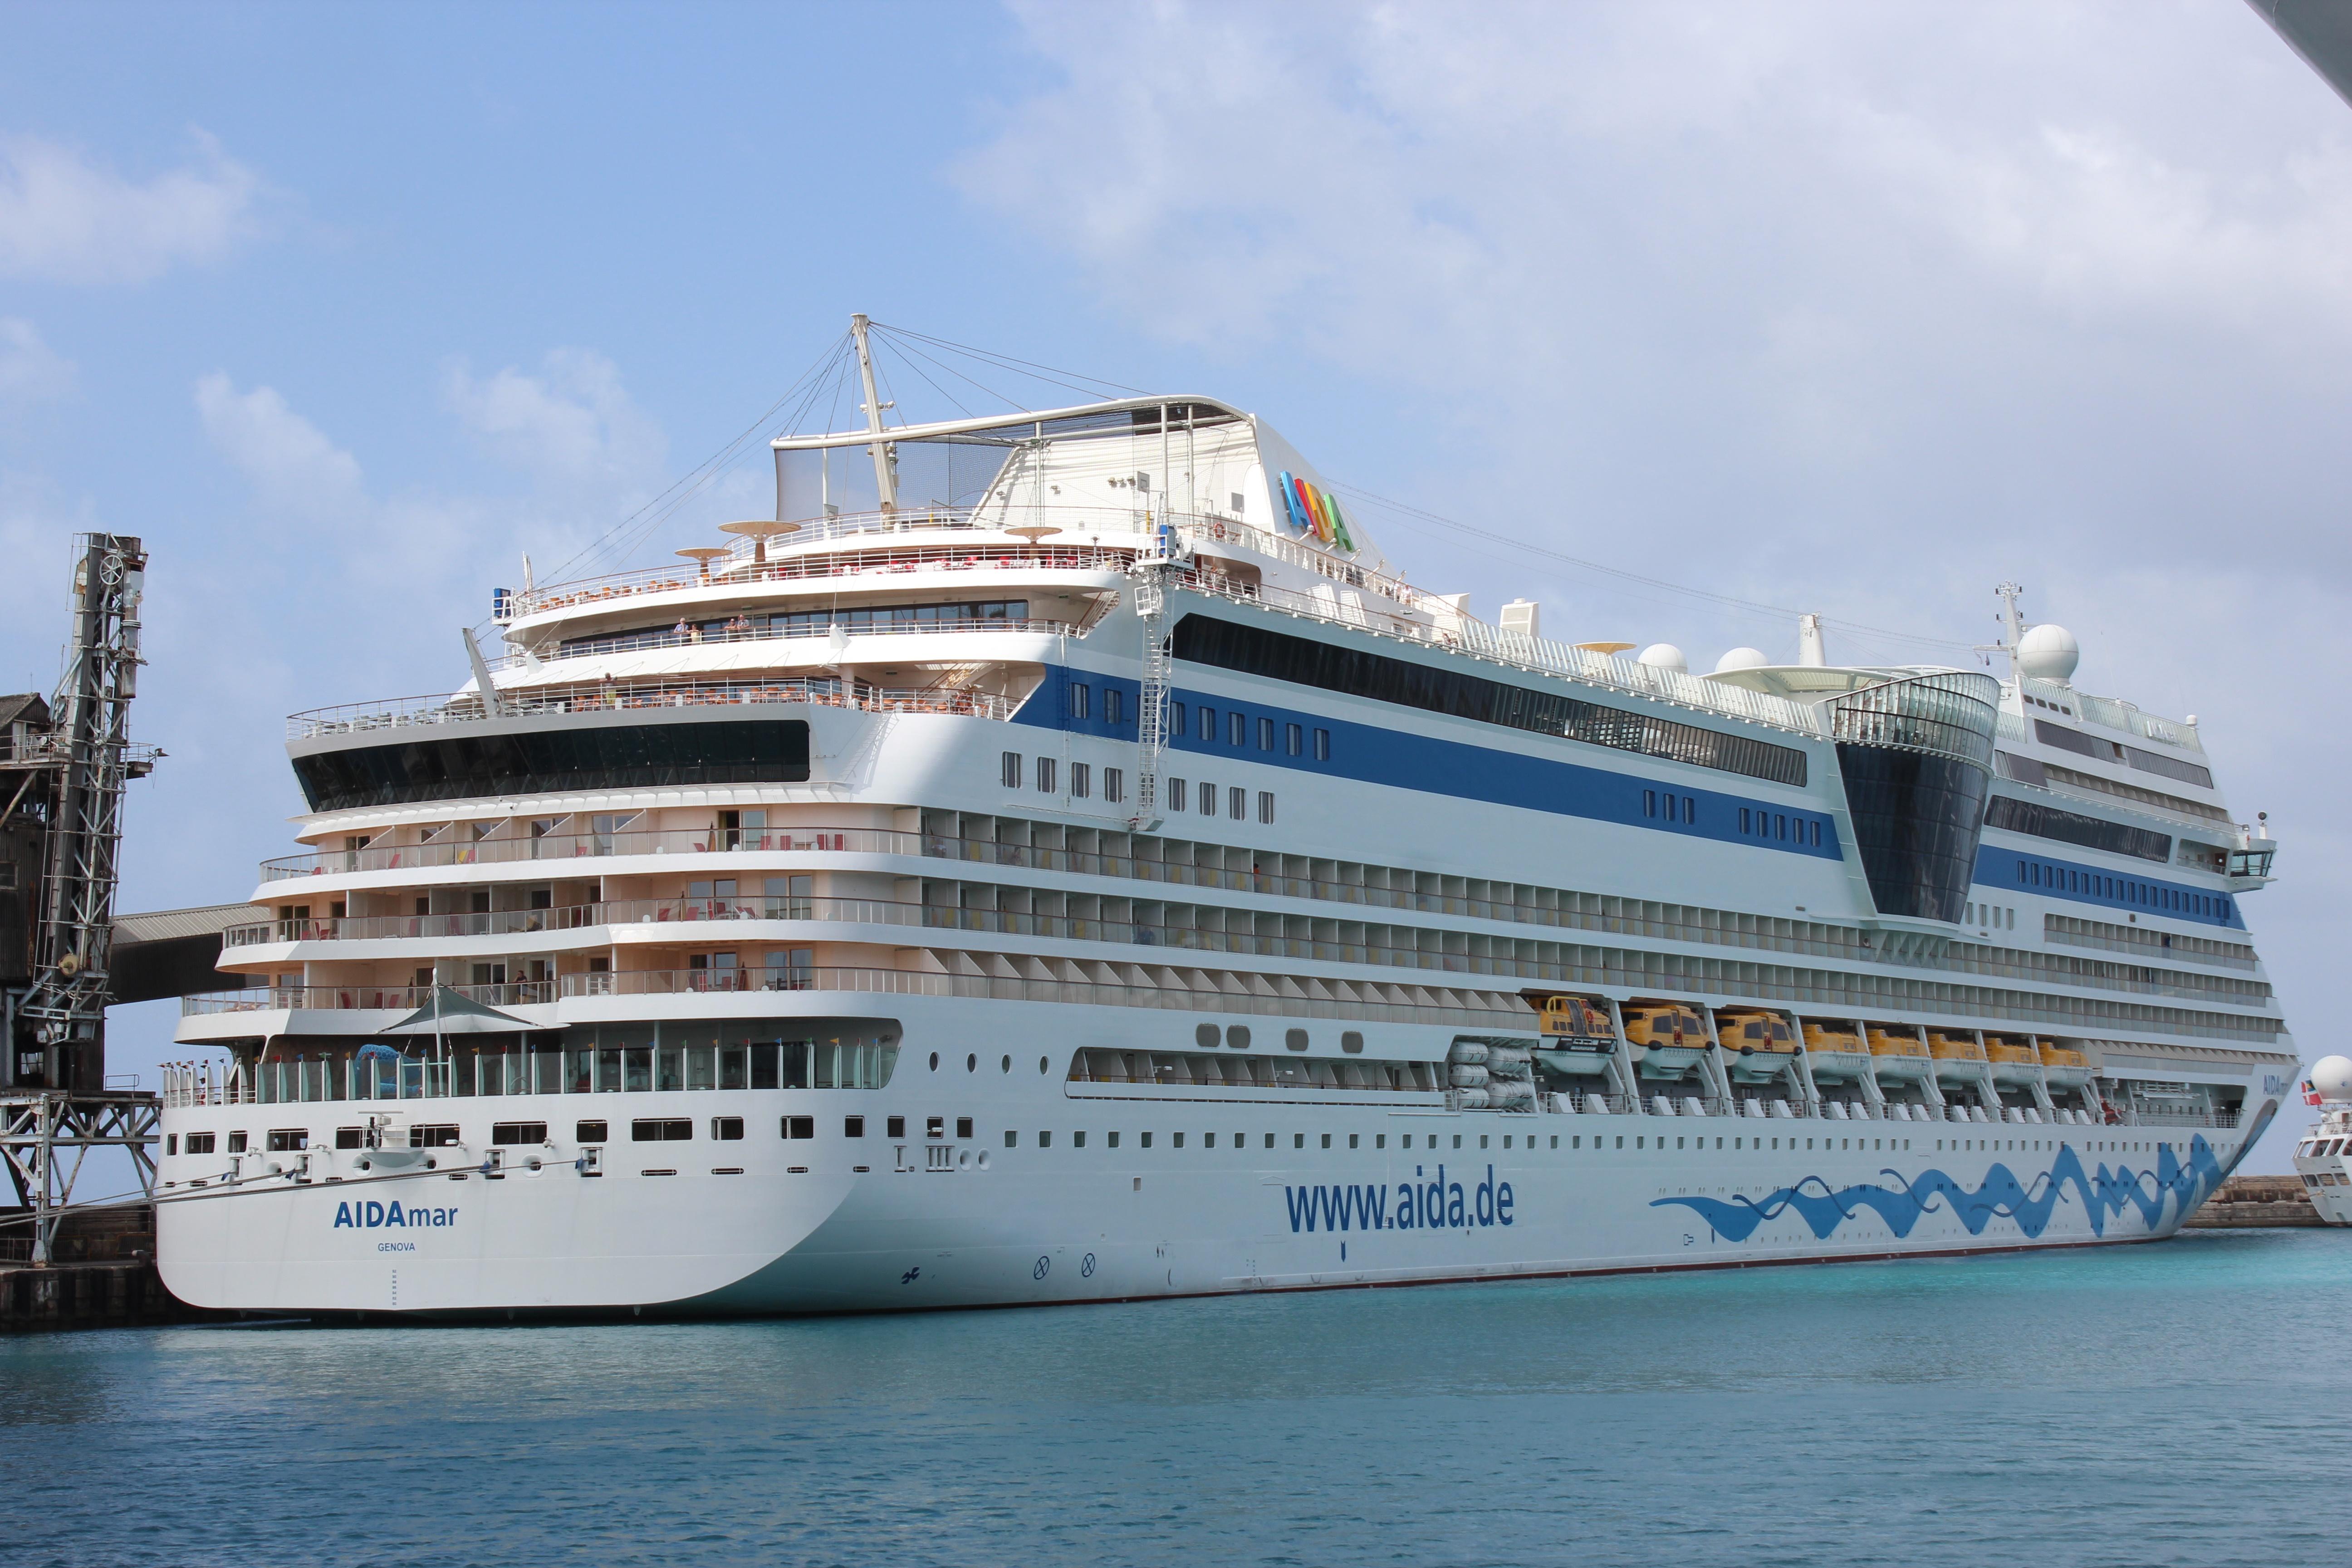 AIDAmar makes Inaugural to Barbados